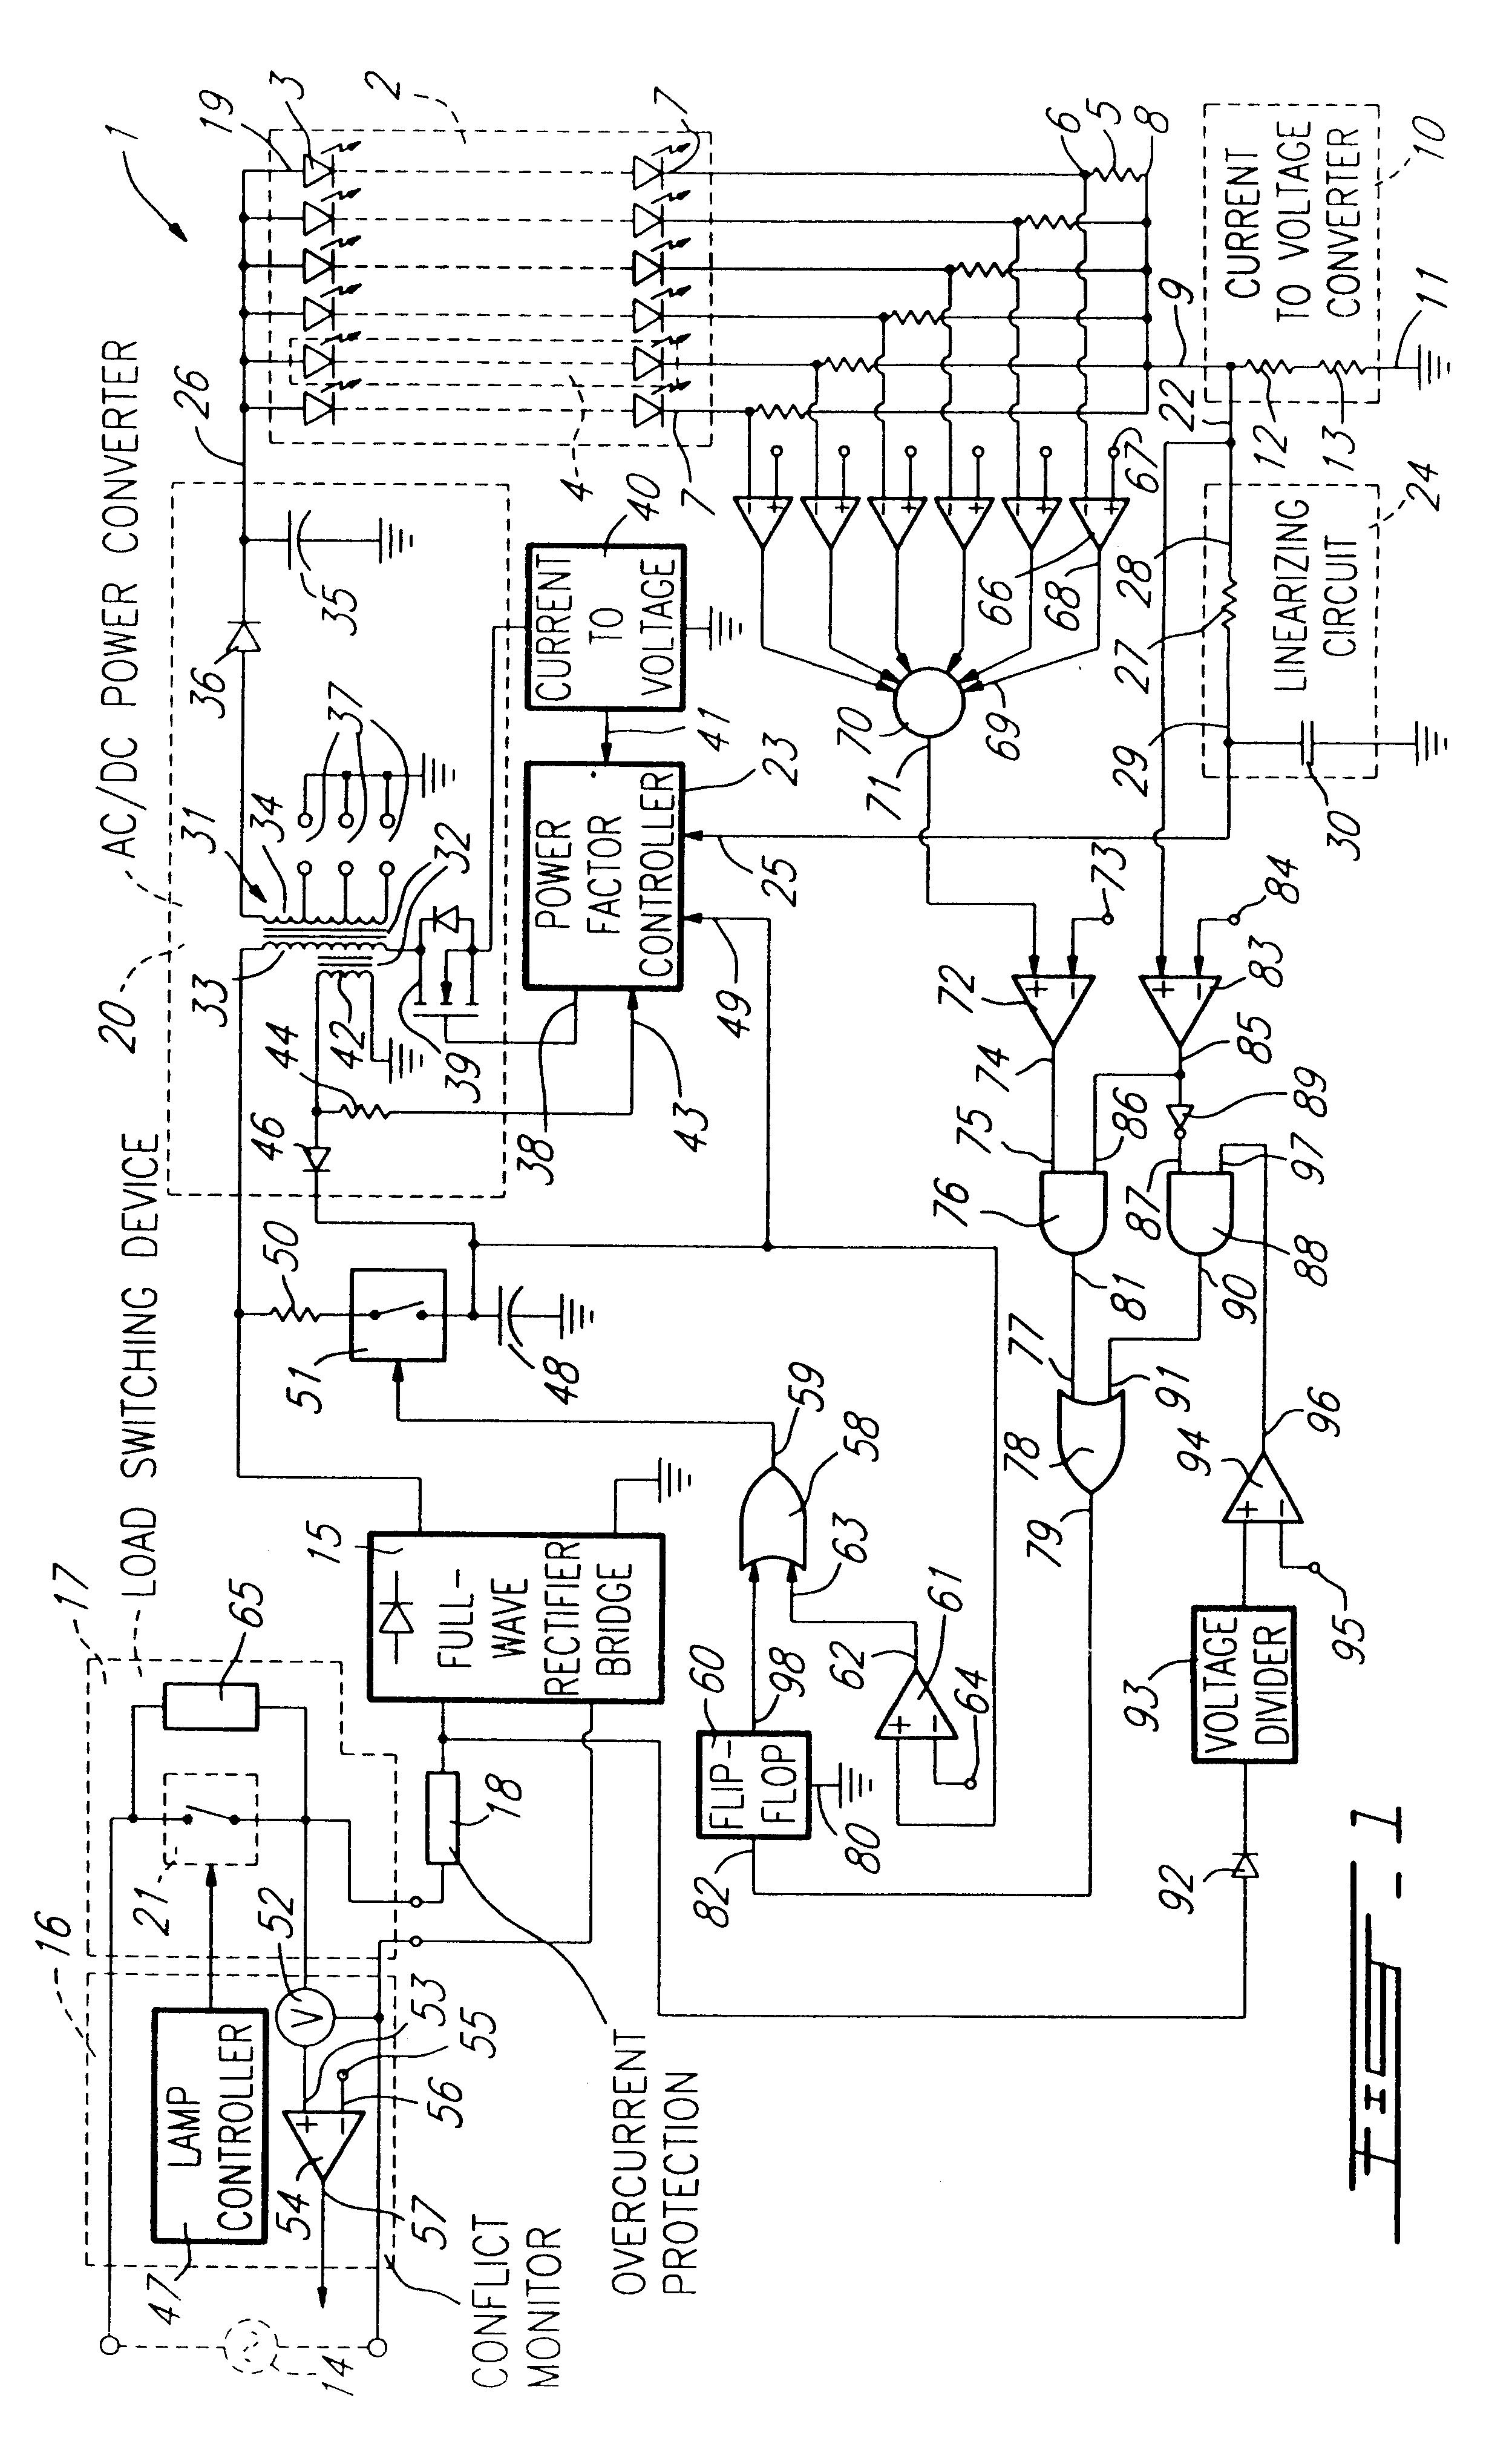 patent us6570505